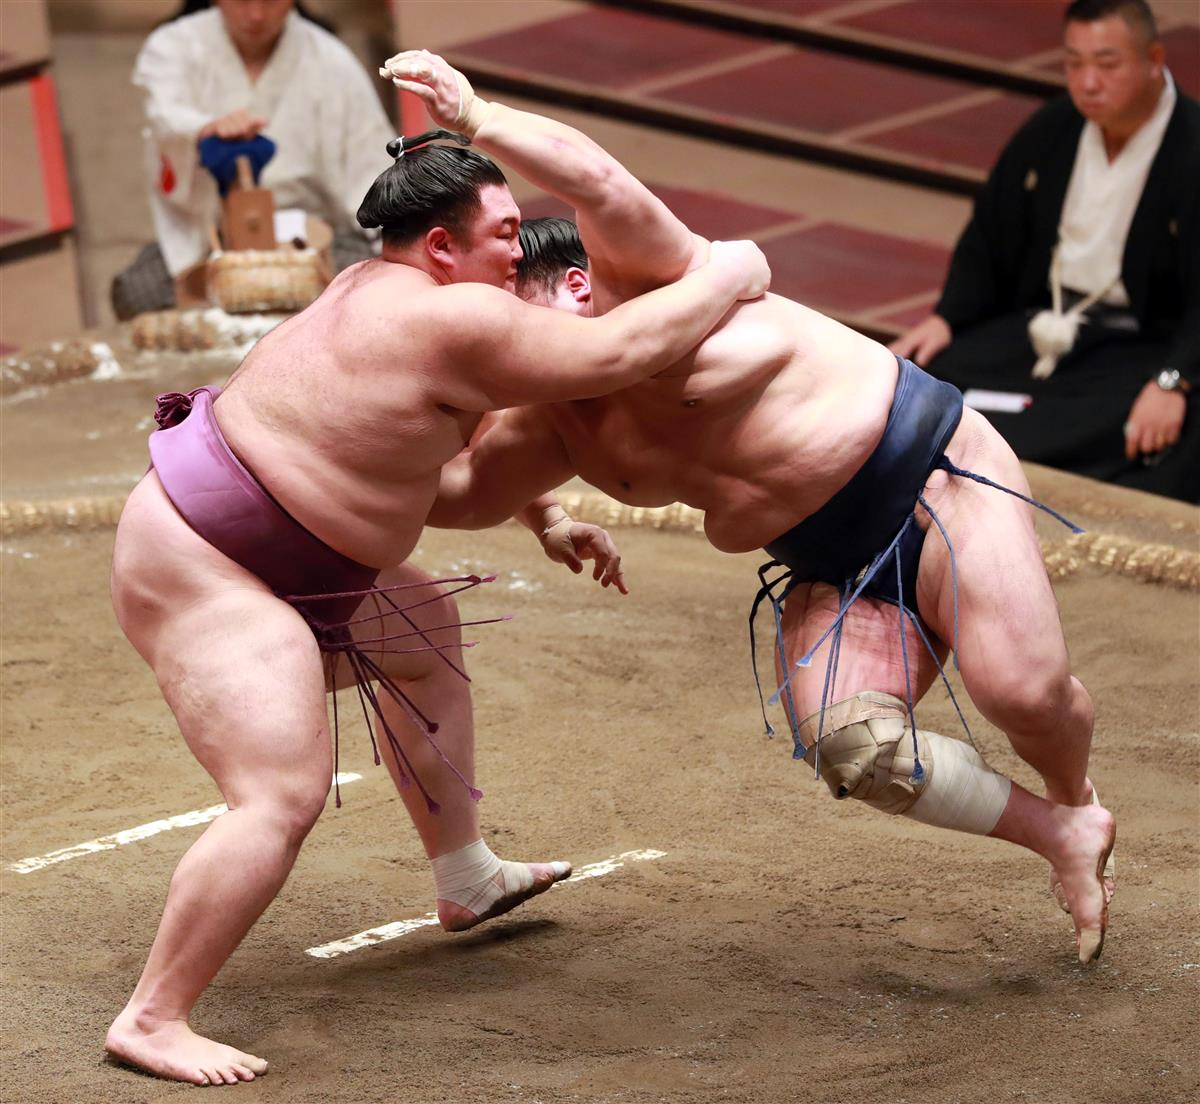 朝乃山、照ノ富士に恩返しを 本場所は初対戦、春場所前に助言/7月 ...